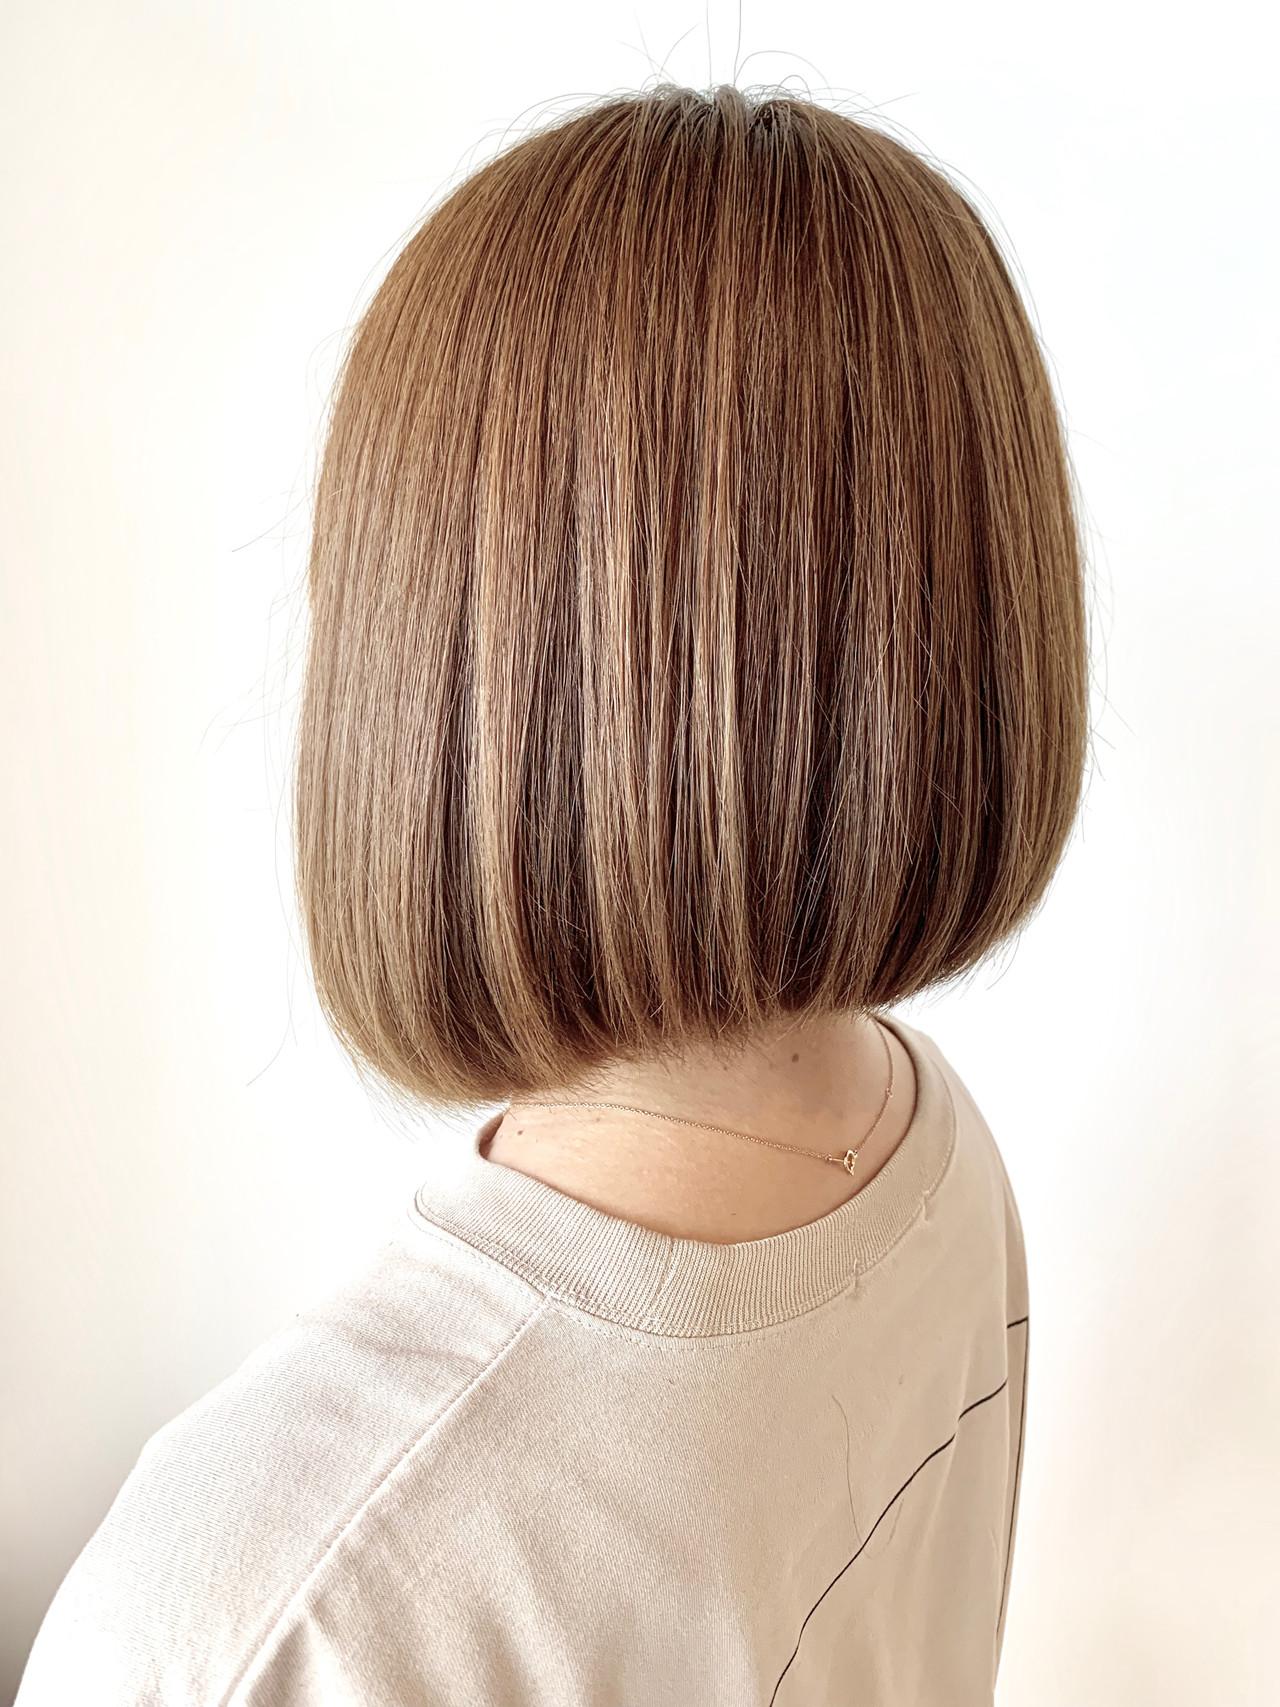 アッシュ 簡単スタイリング ボブ 大人可愛い ヘアスタイルや髪型の写真・画像   村上 駿 / FRAMES hair design